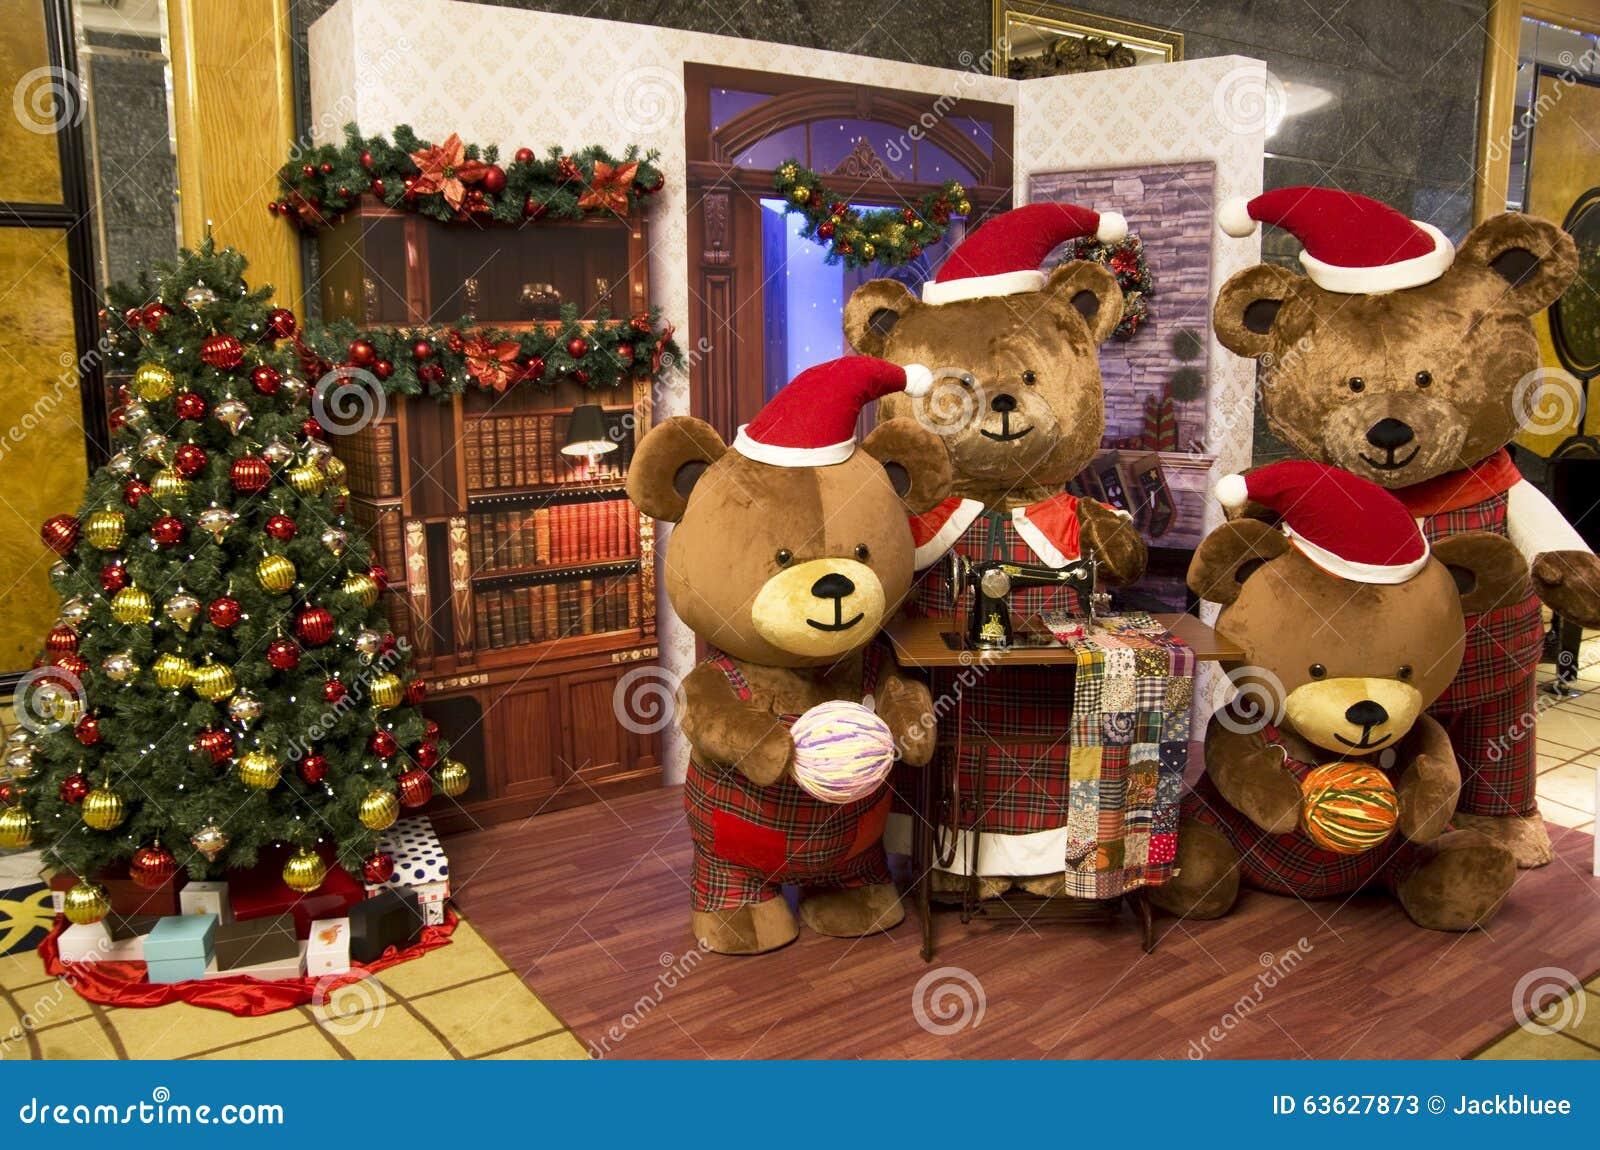 Big Bear Christmas.Bear Christmas Tree Stock Image Image Of Stop Season